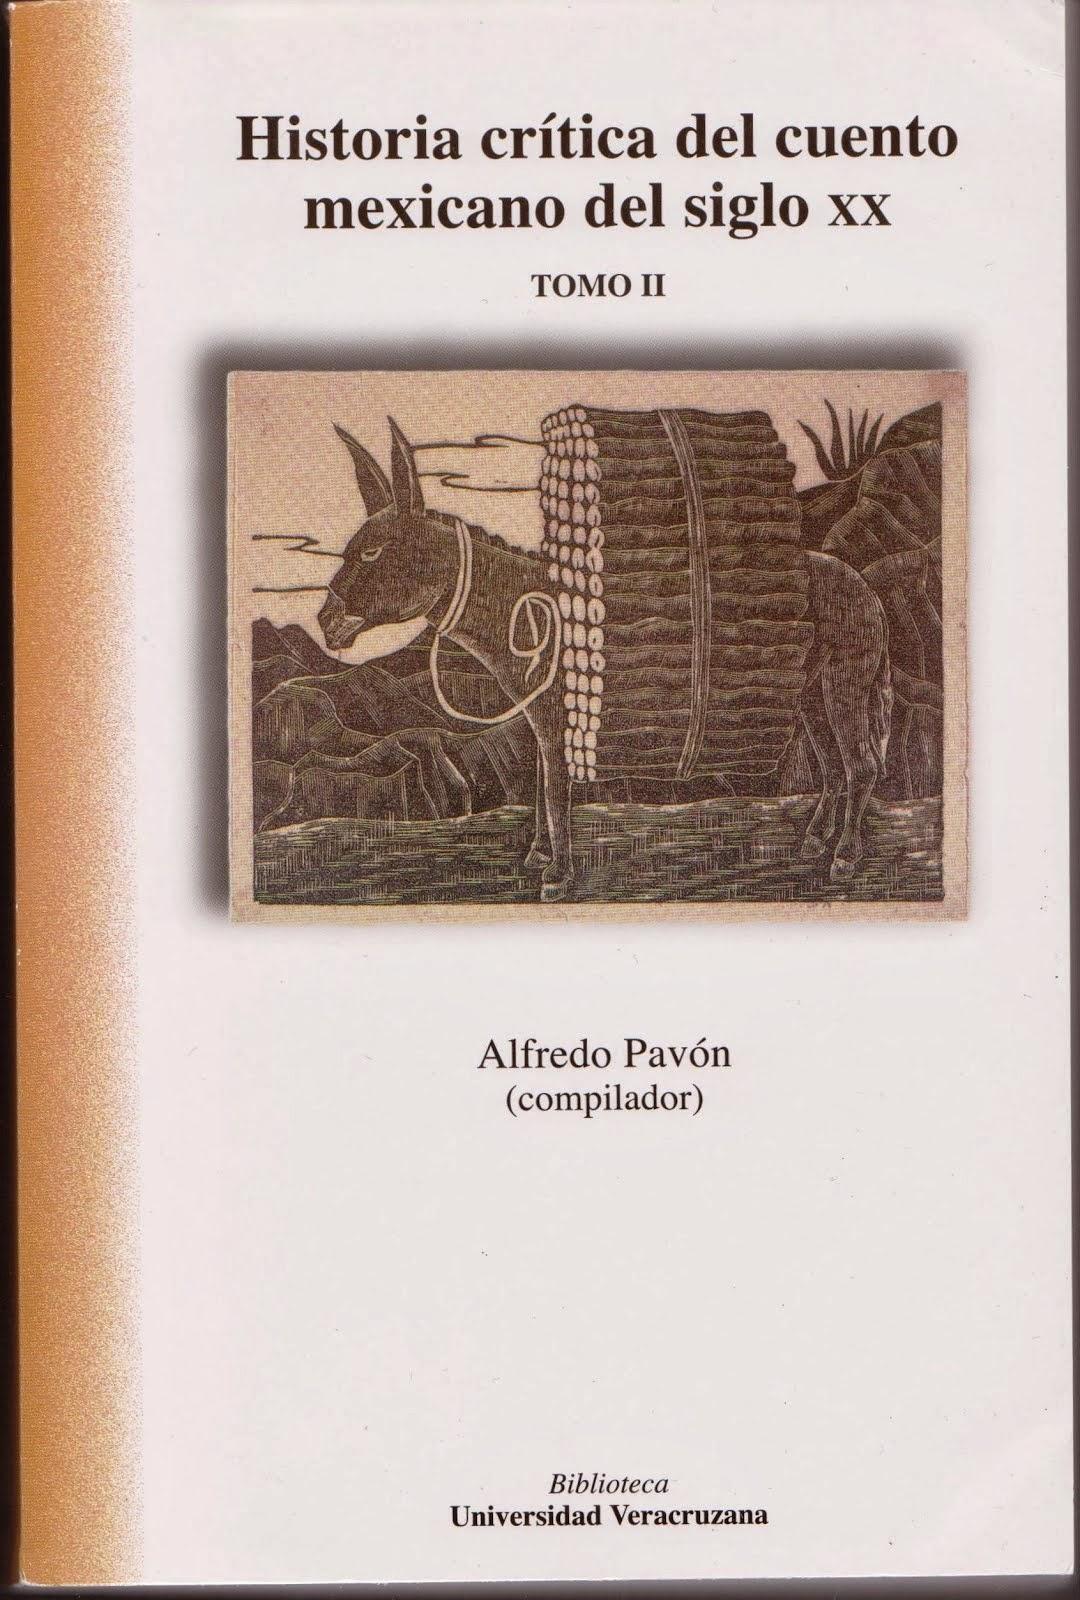 Historia Crítica del Cuento mexicano, Tomo II